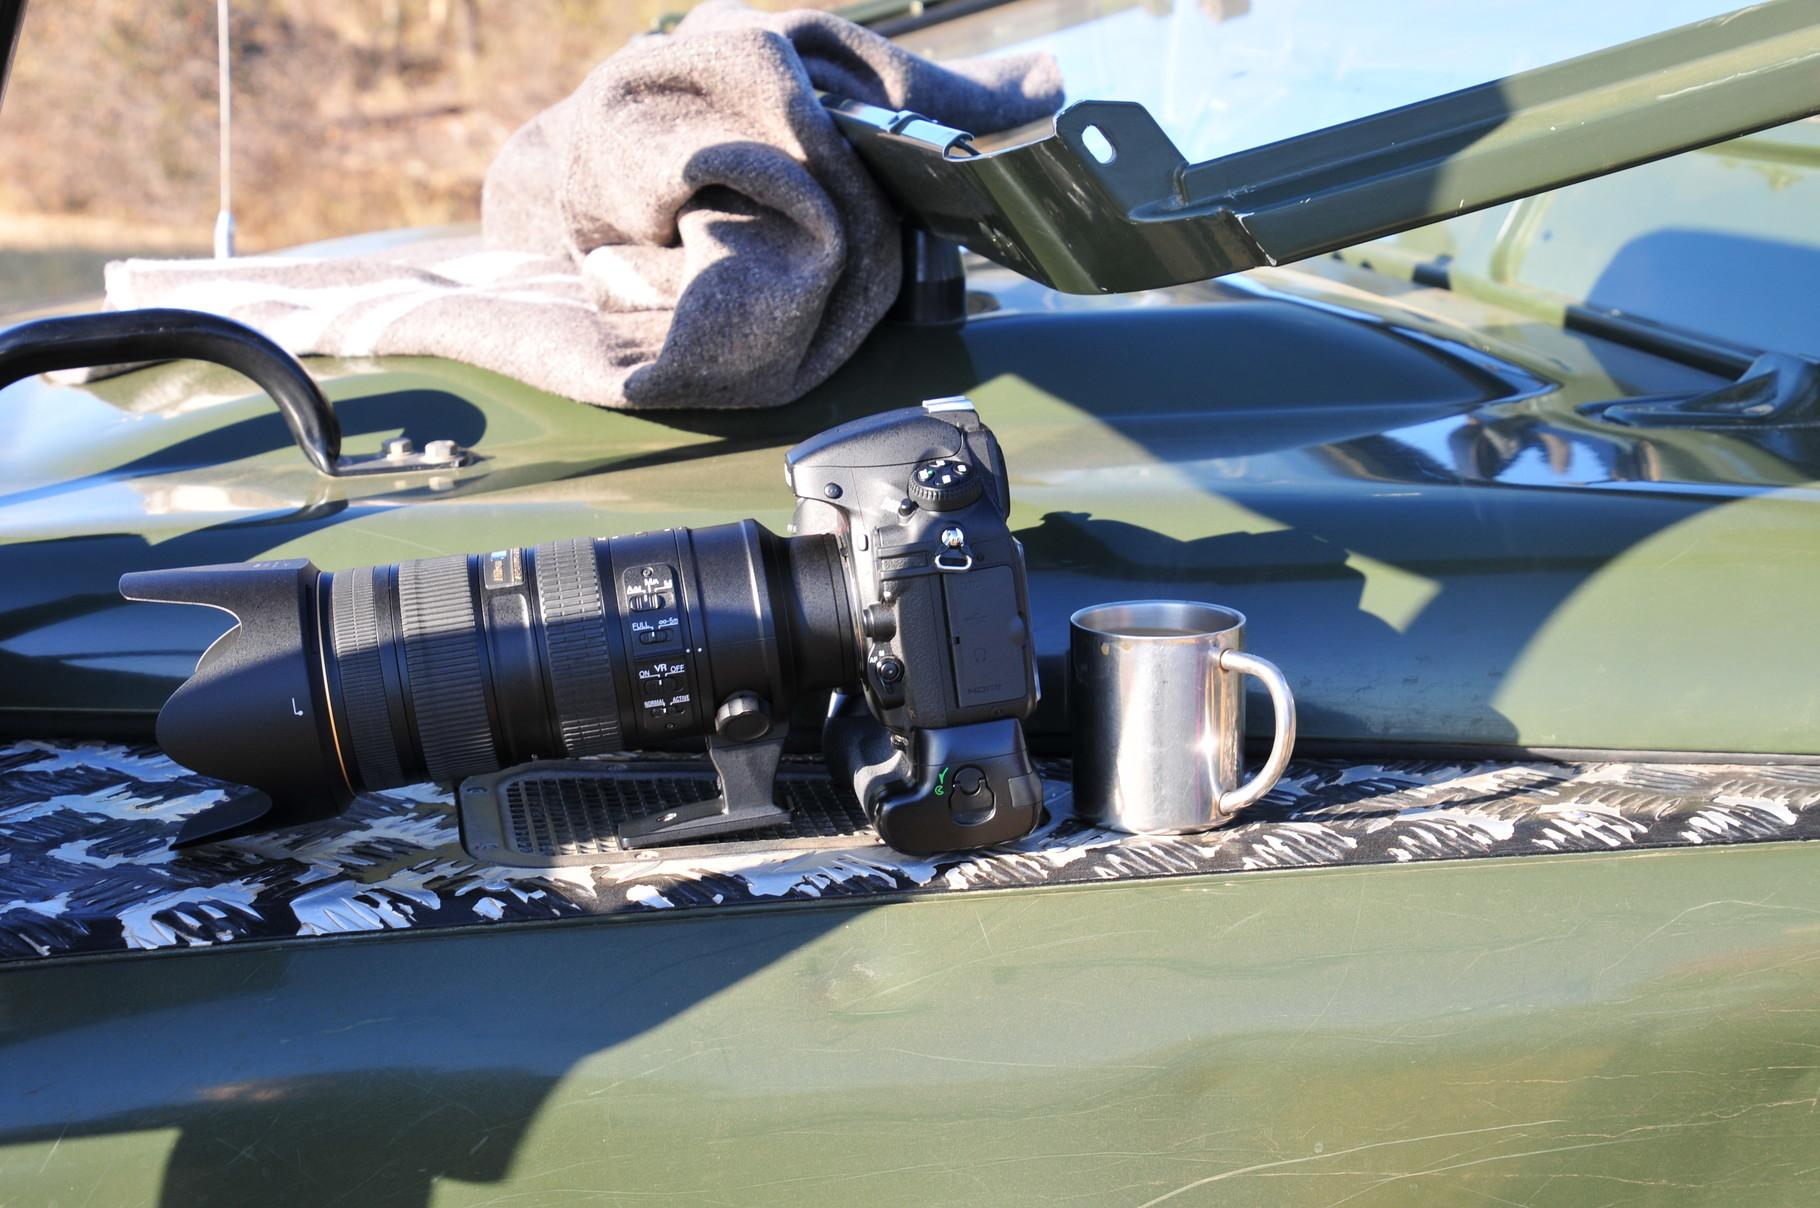 Da wird sogar die Kamera gegen einen wärmenden Kaffee getauscht